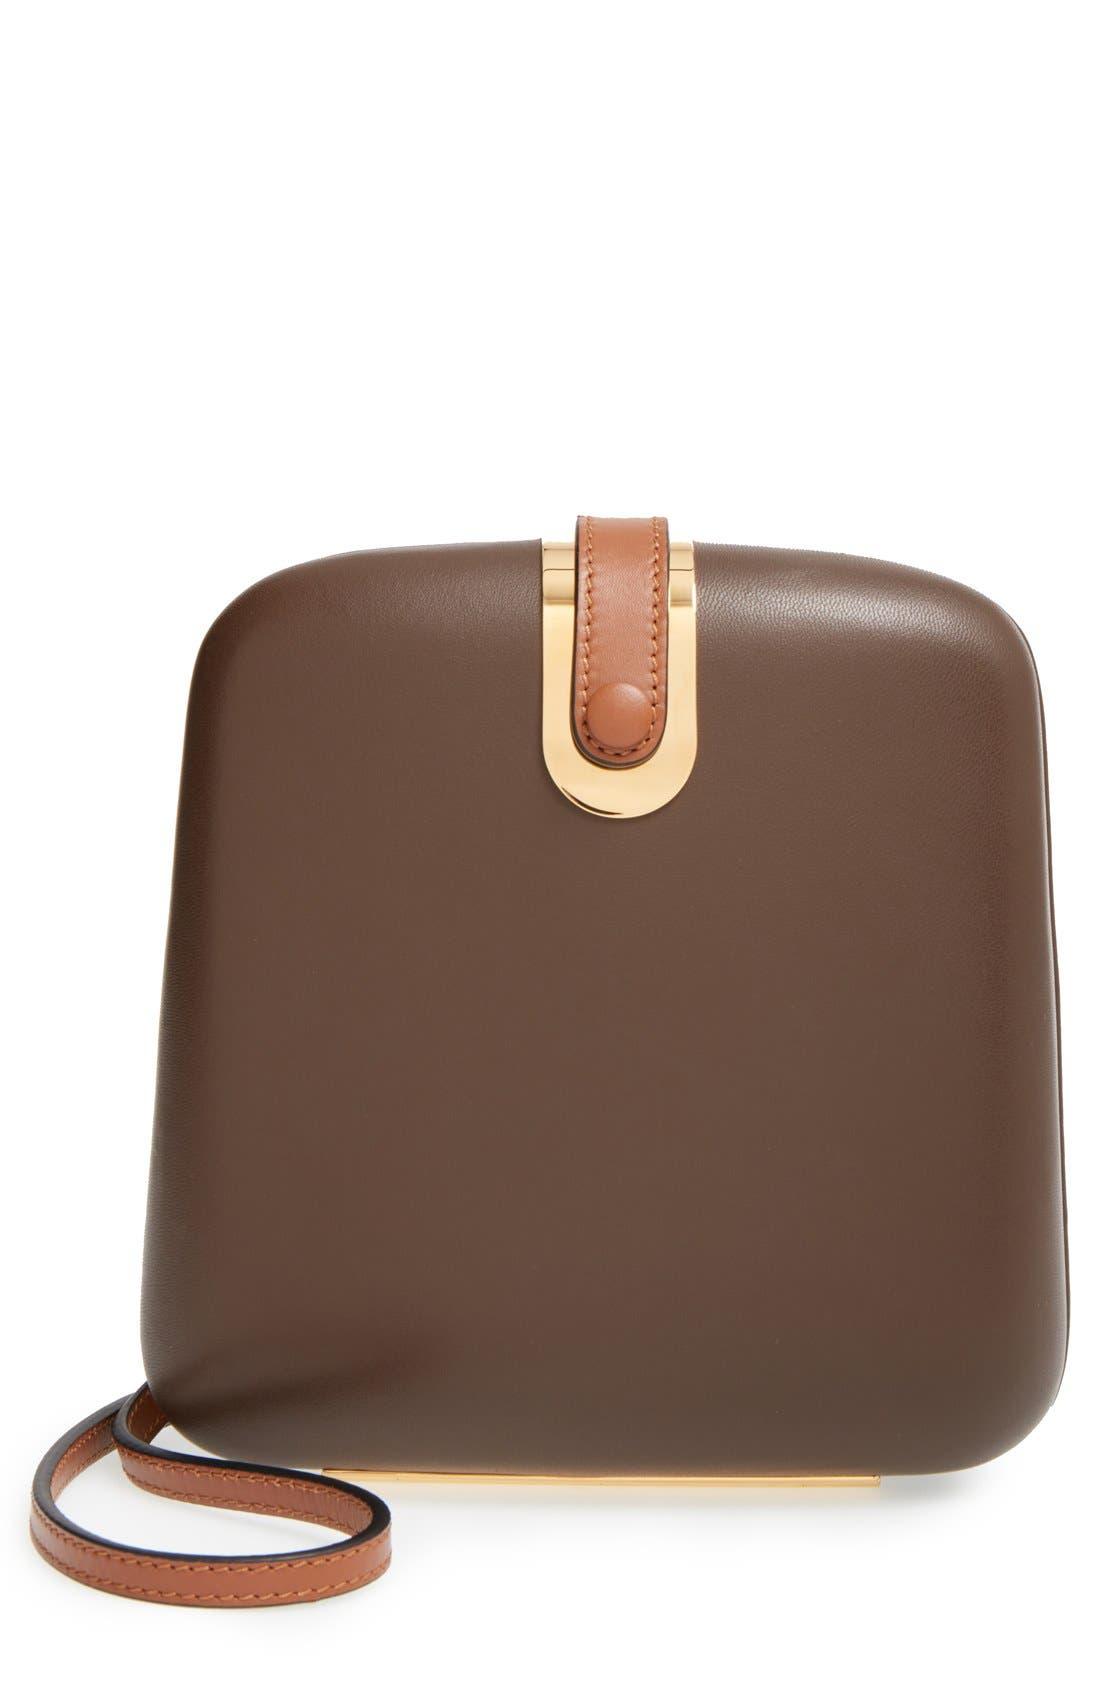 Main Image - Marni'Hard Box' Convertible Clutch